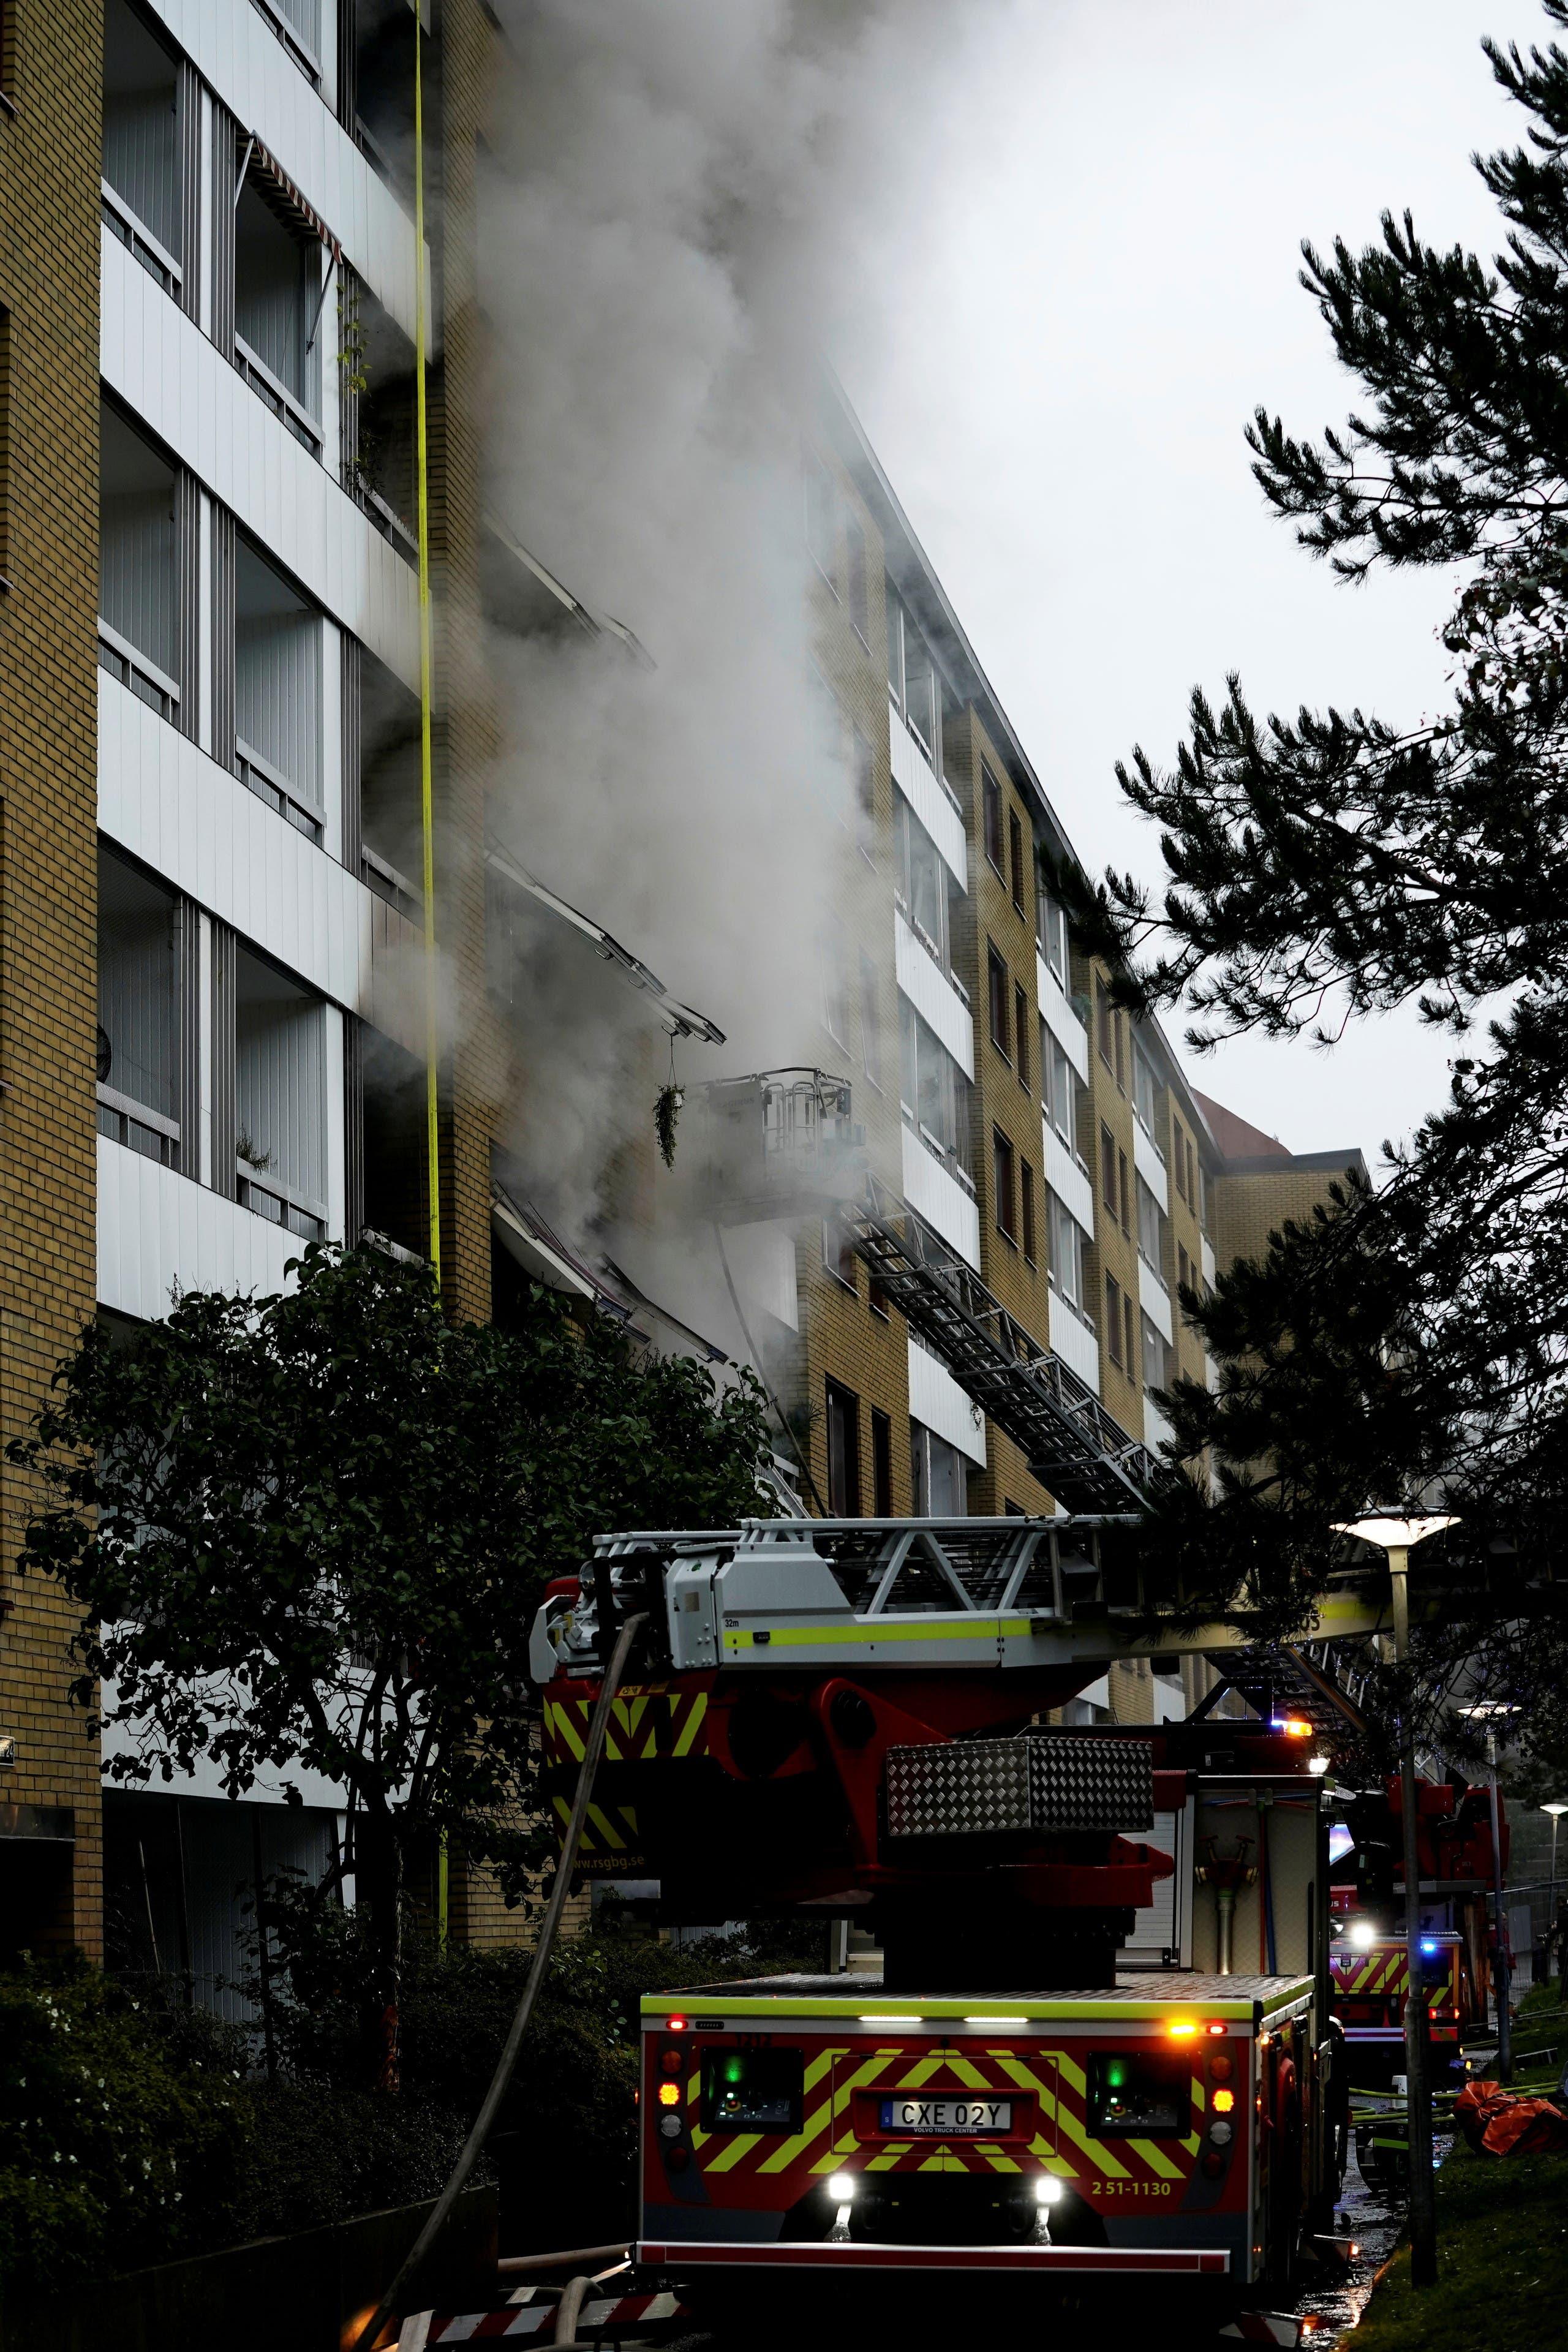 المبنى الذي هزه الانفجار